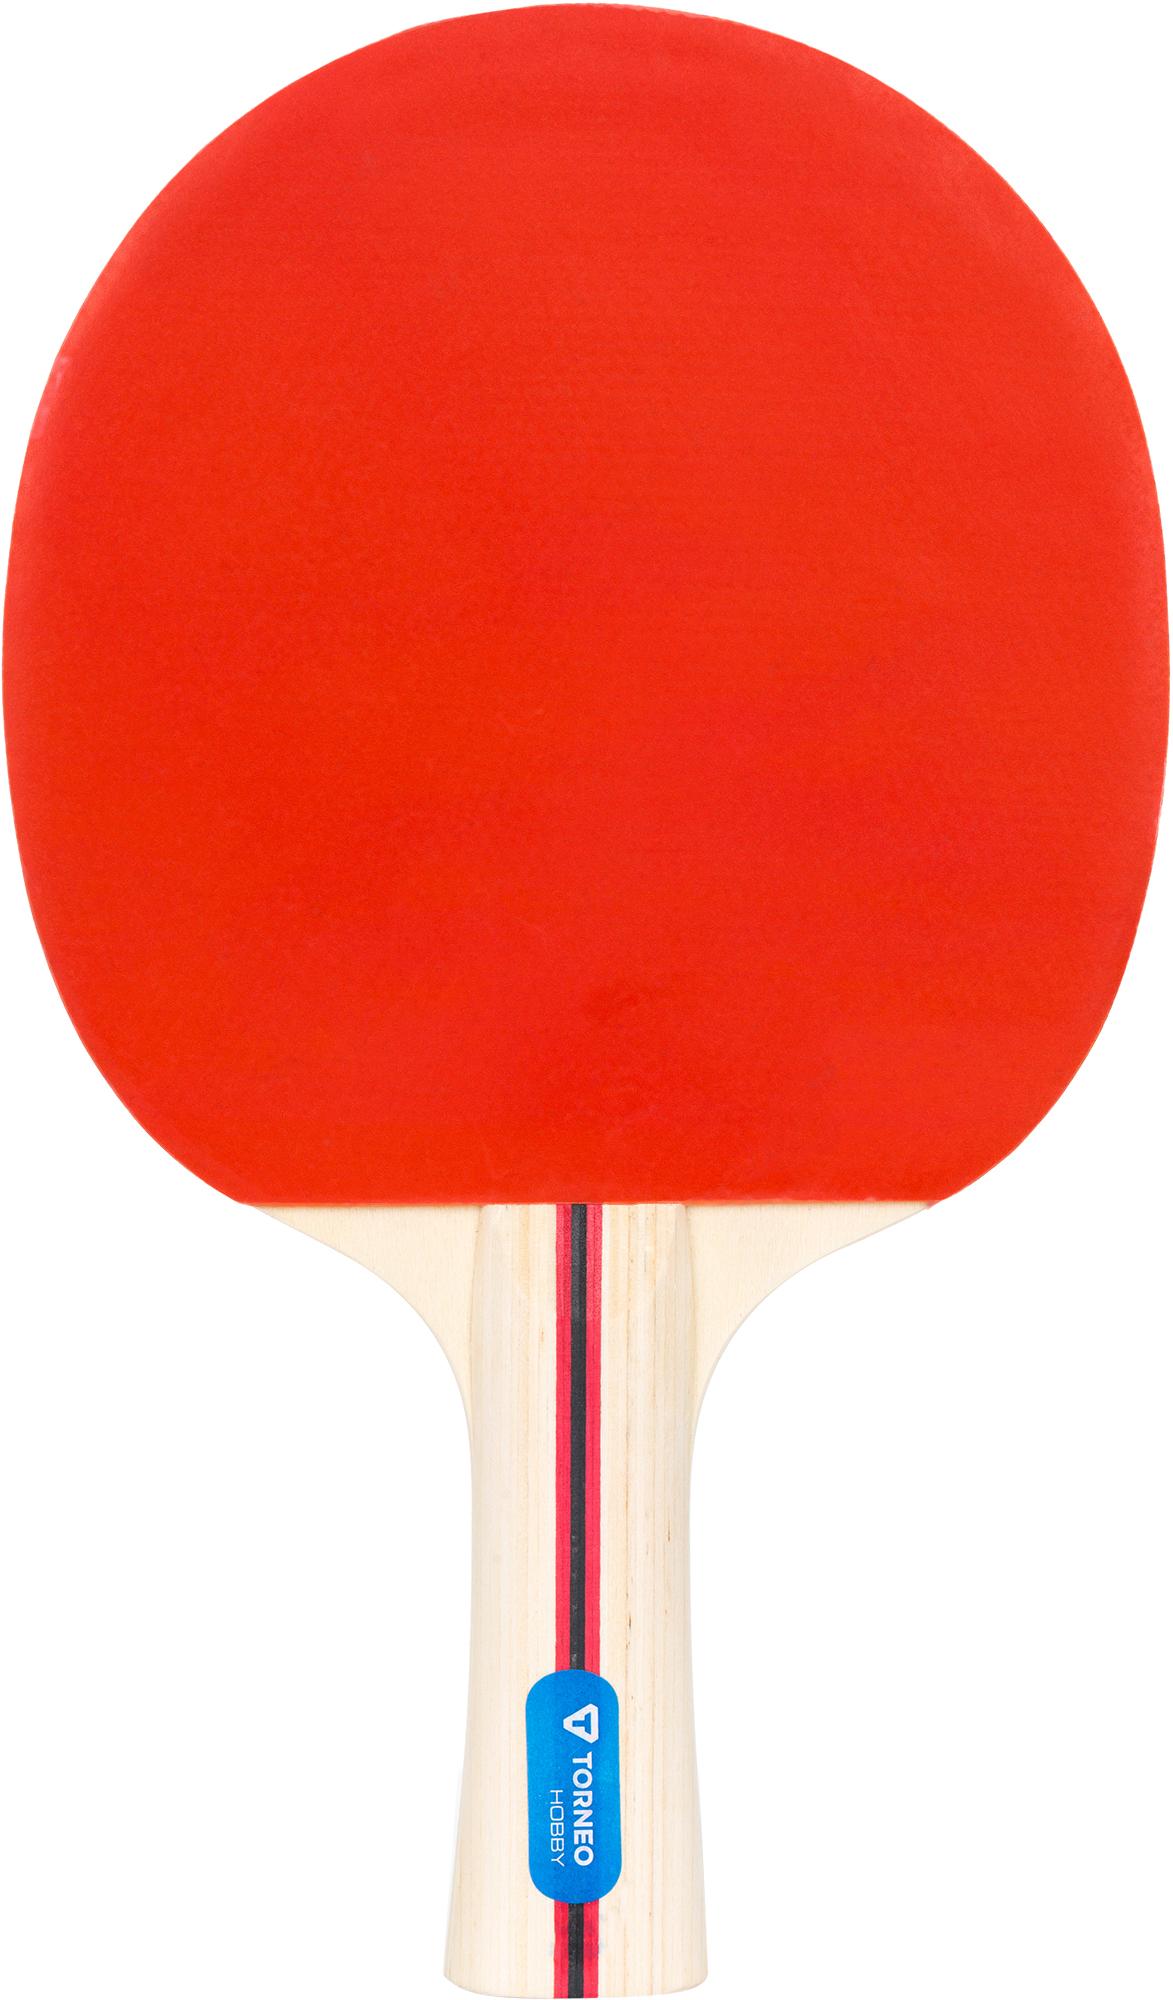 Torneo Ракетка для настольного тенниса Torneo Hobby, размер Без размера